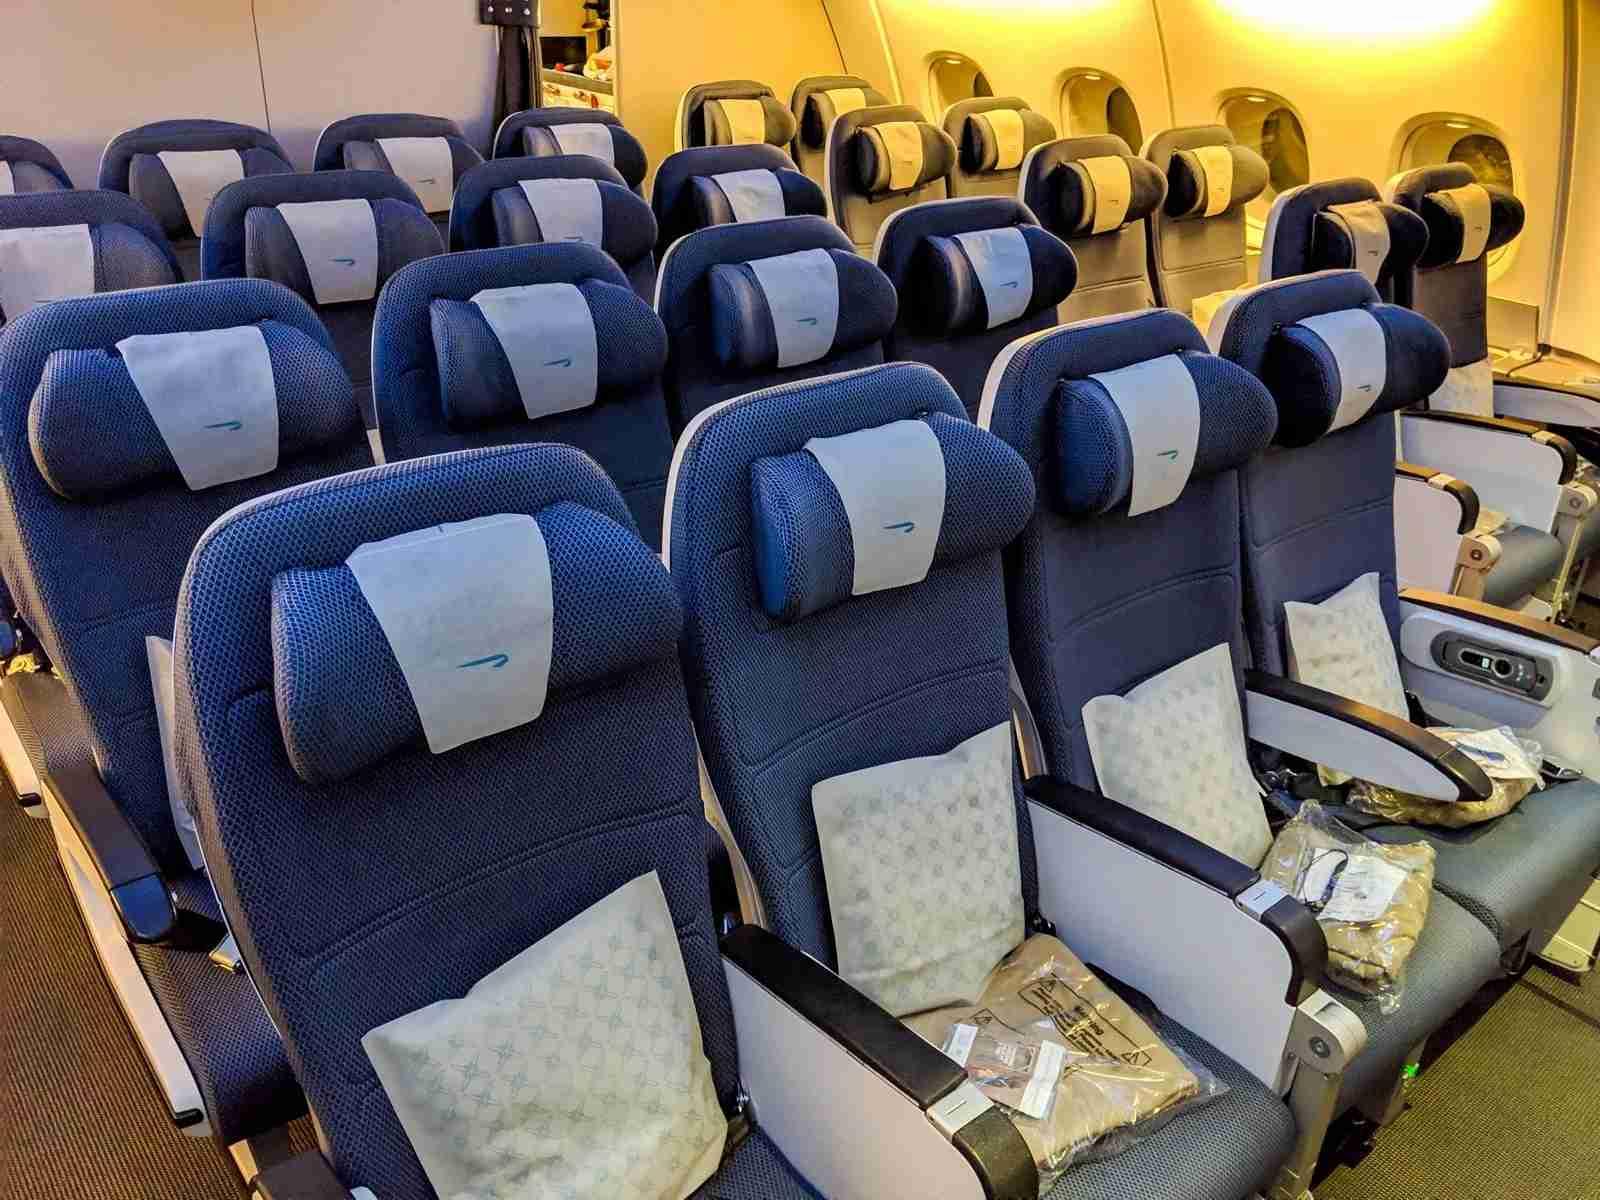 British Airways A380 economy upper deck. (Photo courtesy Katie Genter/The Points Guy)